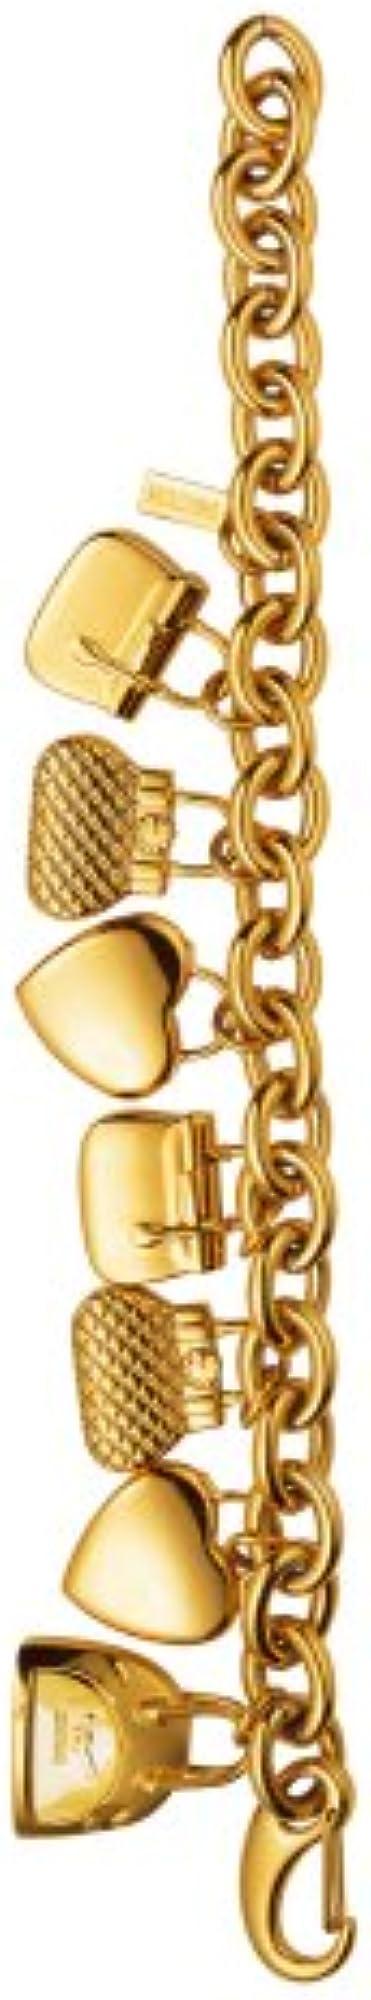 Moschino bracciale in acciaio inox  placcato oro con ciondoli 7753350197